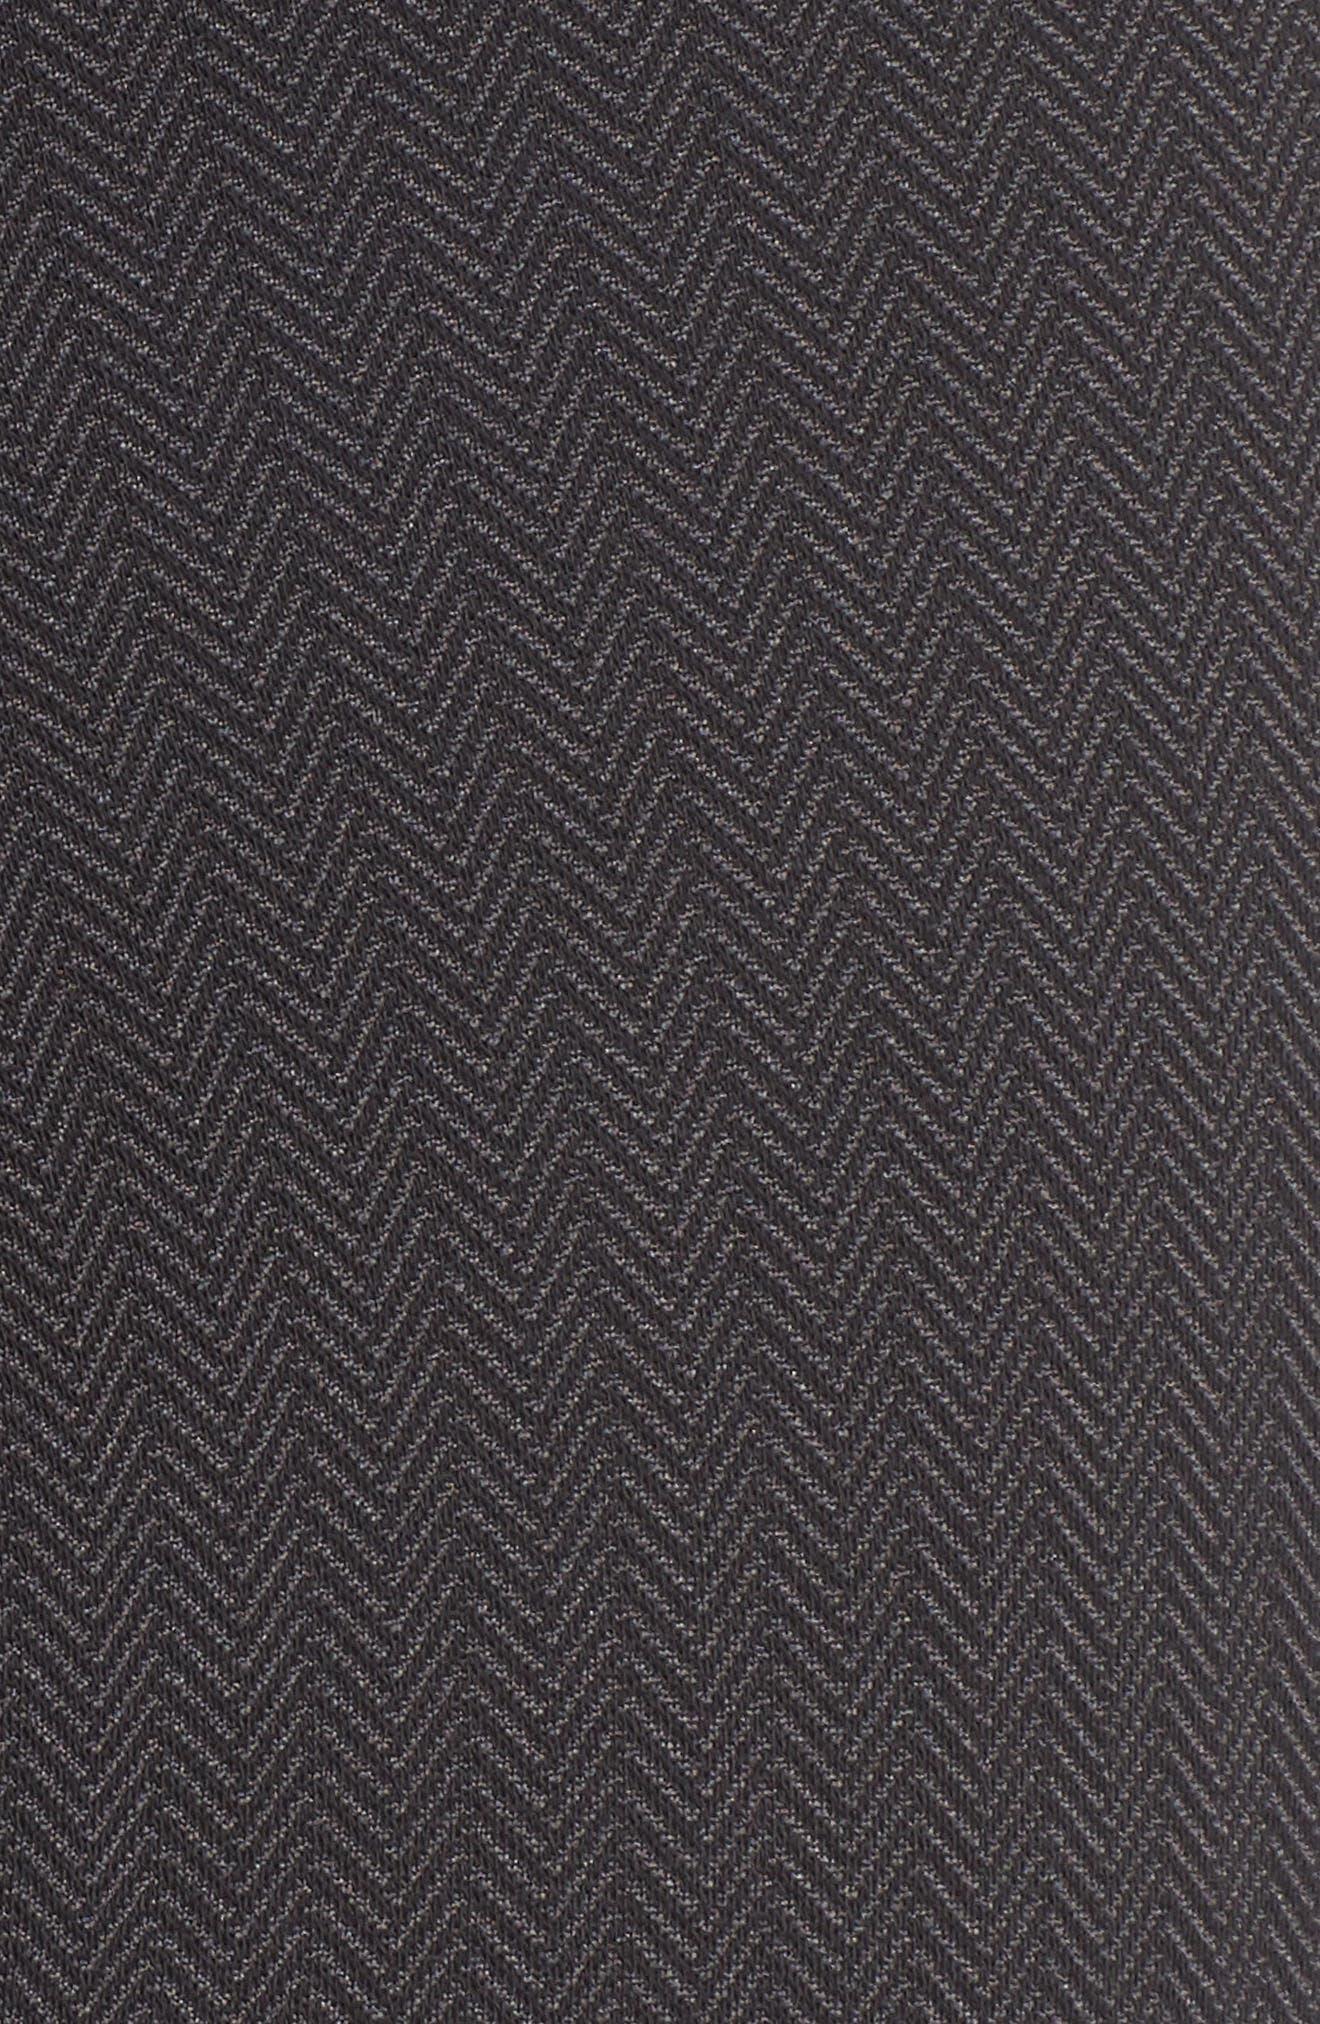 Jacquard Cotton Blend Trunks,                             Alternate thumbnail 5, color,                             069